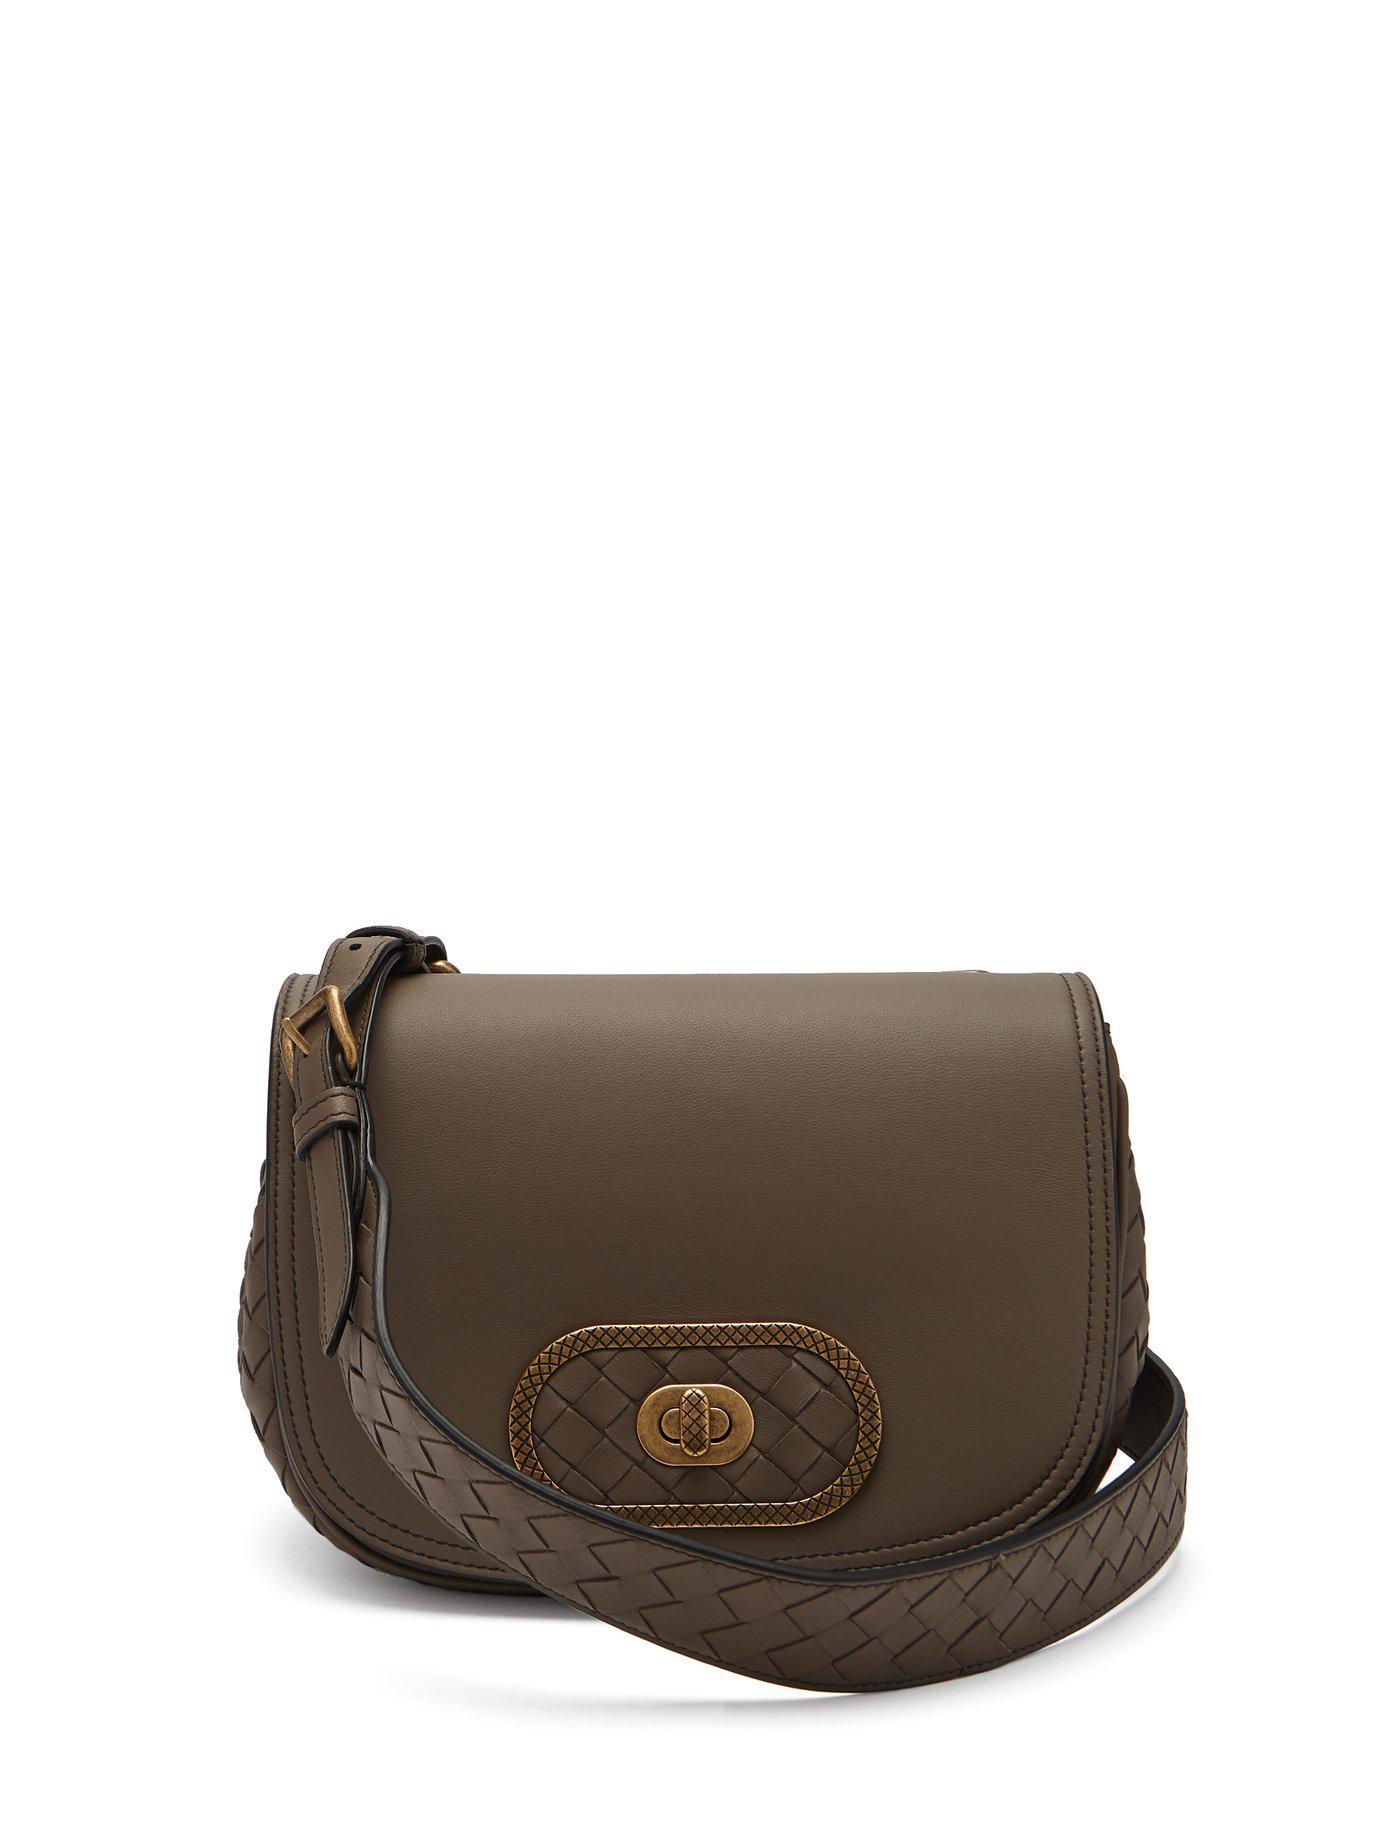 Lyst - Bottega Veneta Bv Luna Leather Cross Body Bag in Gray 6db17f619af4b